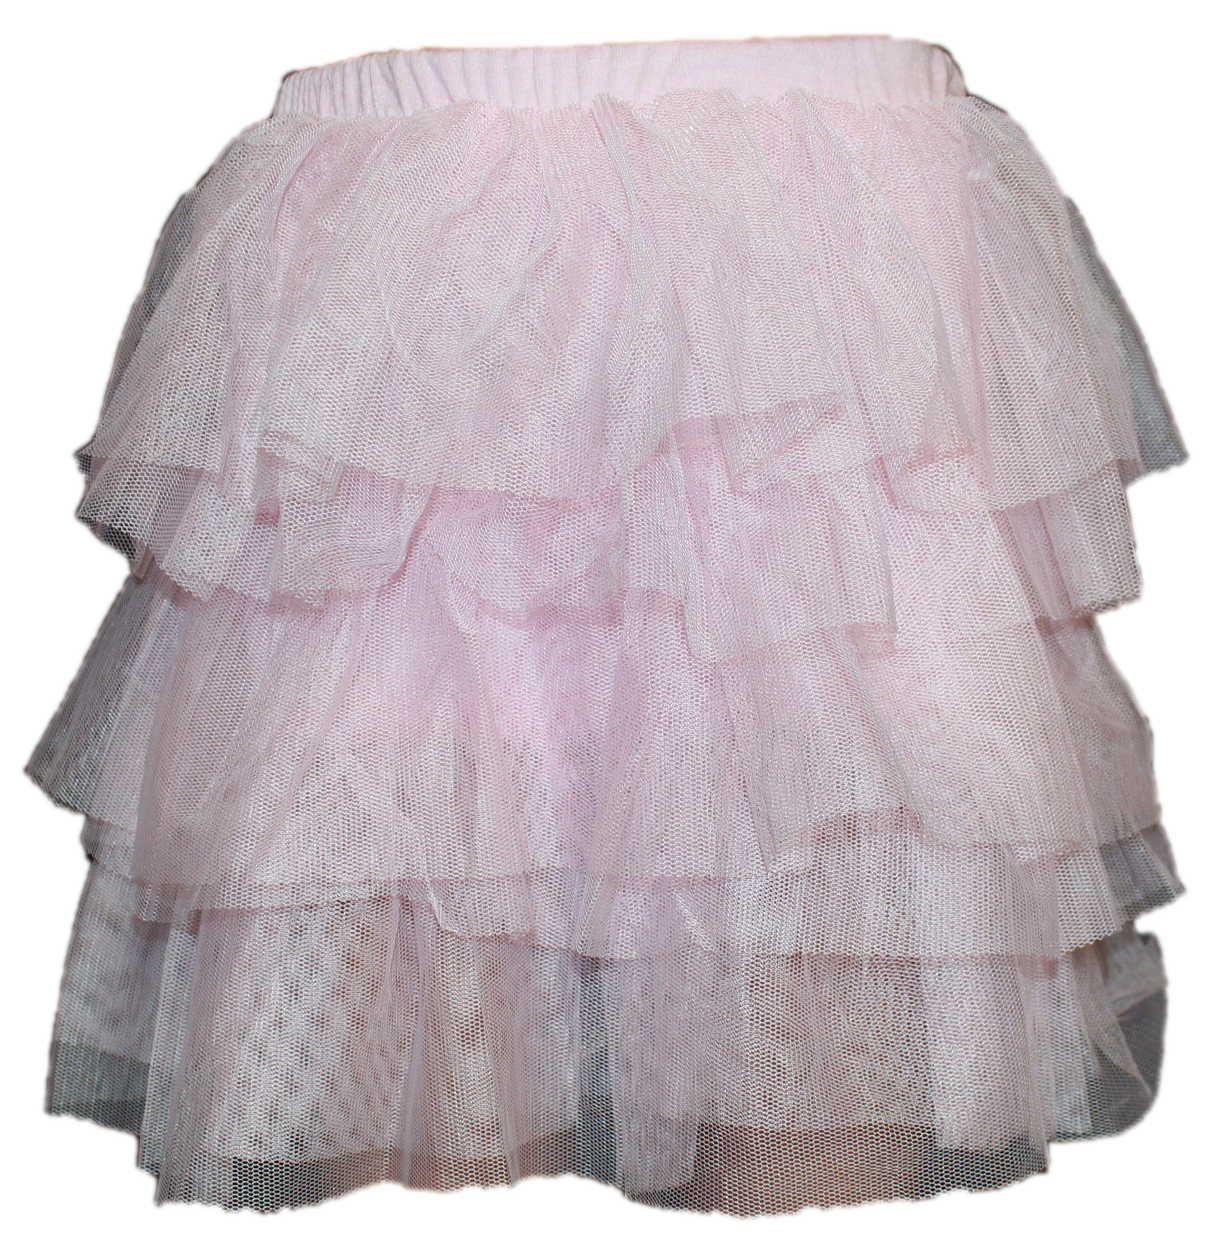 dětská TUTU sukně, růžová sukýnka, dívčí tylová sukně